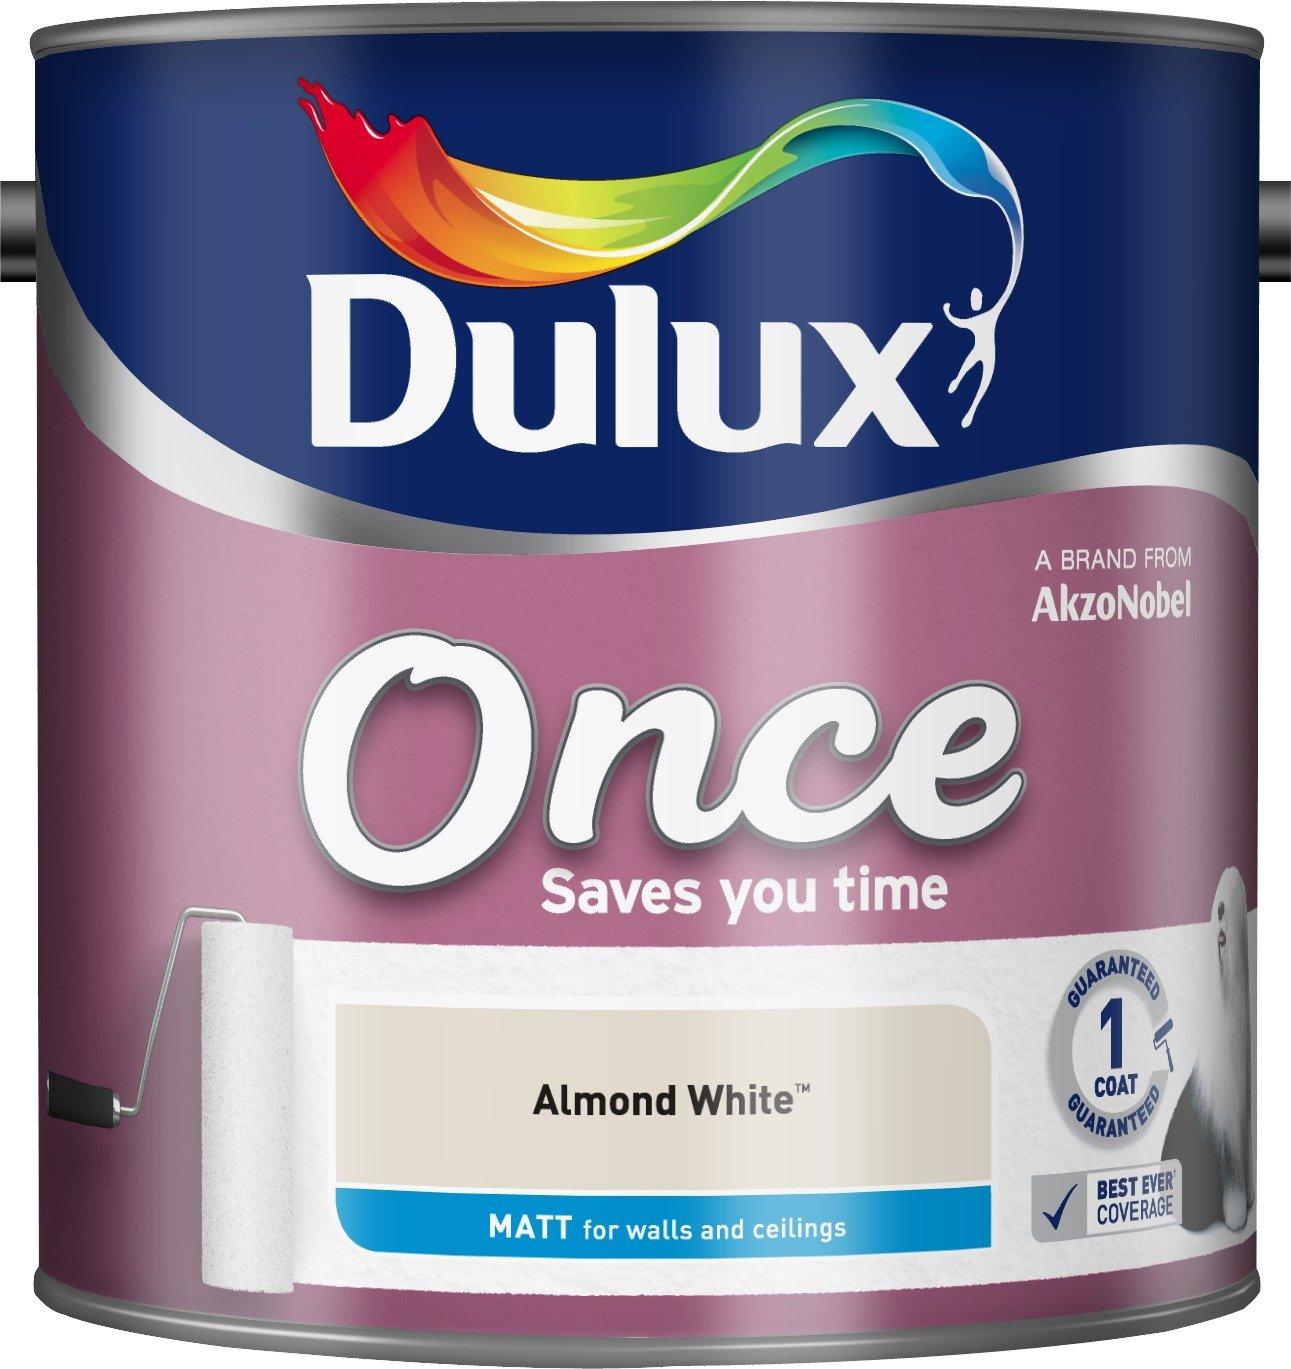 Dulux Once Matt Paint for Walls, 2.5 L - Pure Brilliant White 5190900